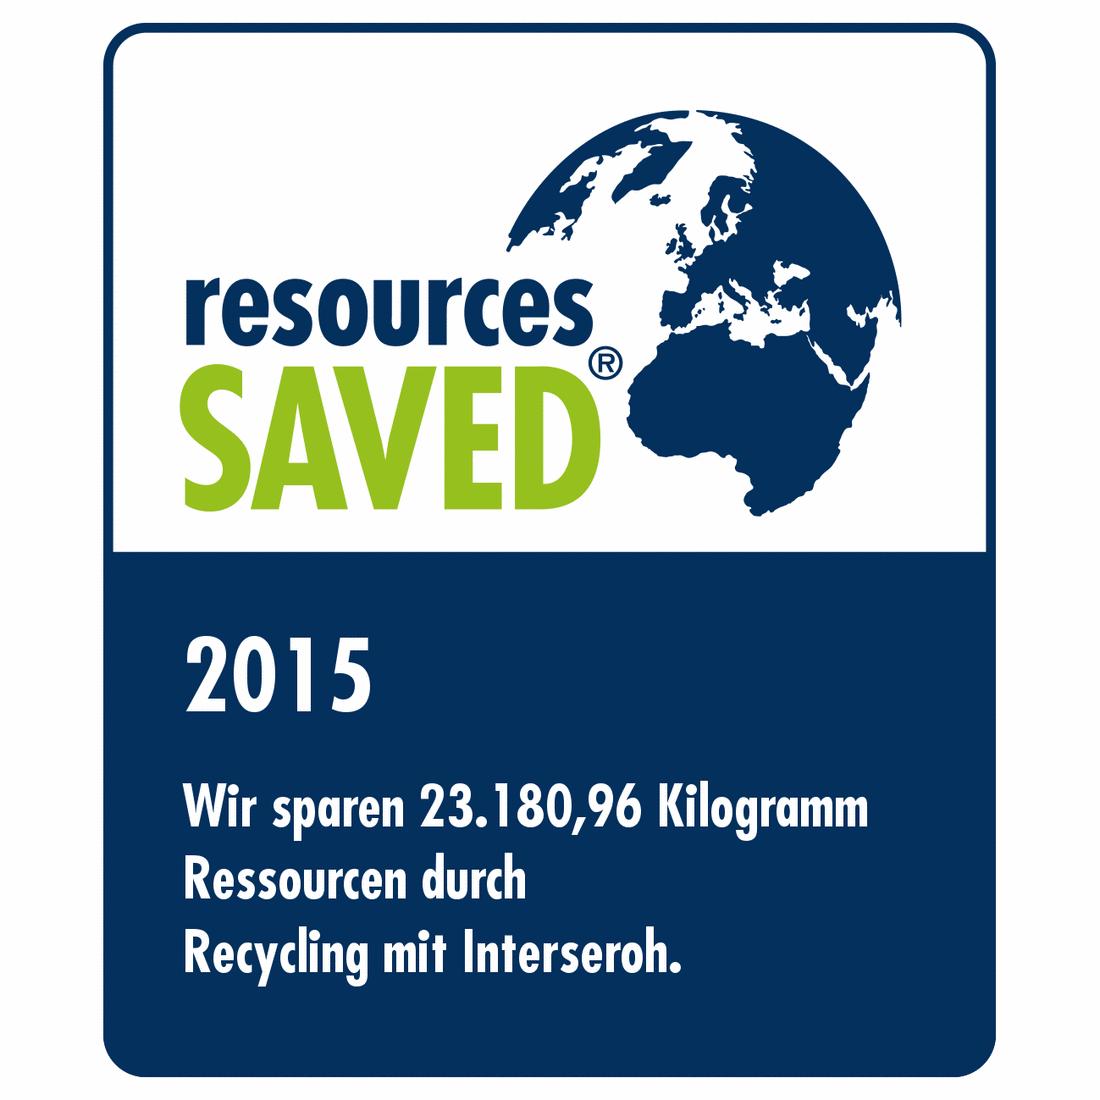 2015 - Eingesparte Ressourcen durch Recycling